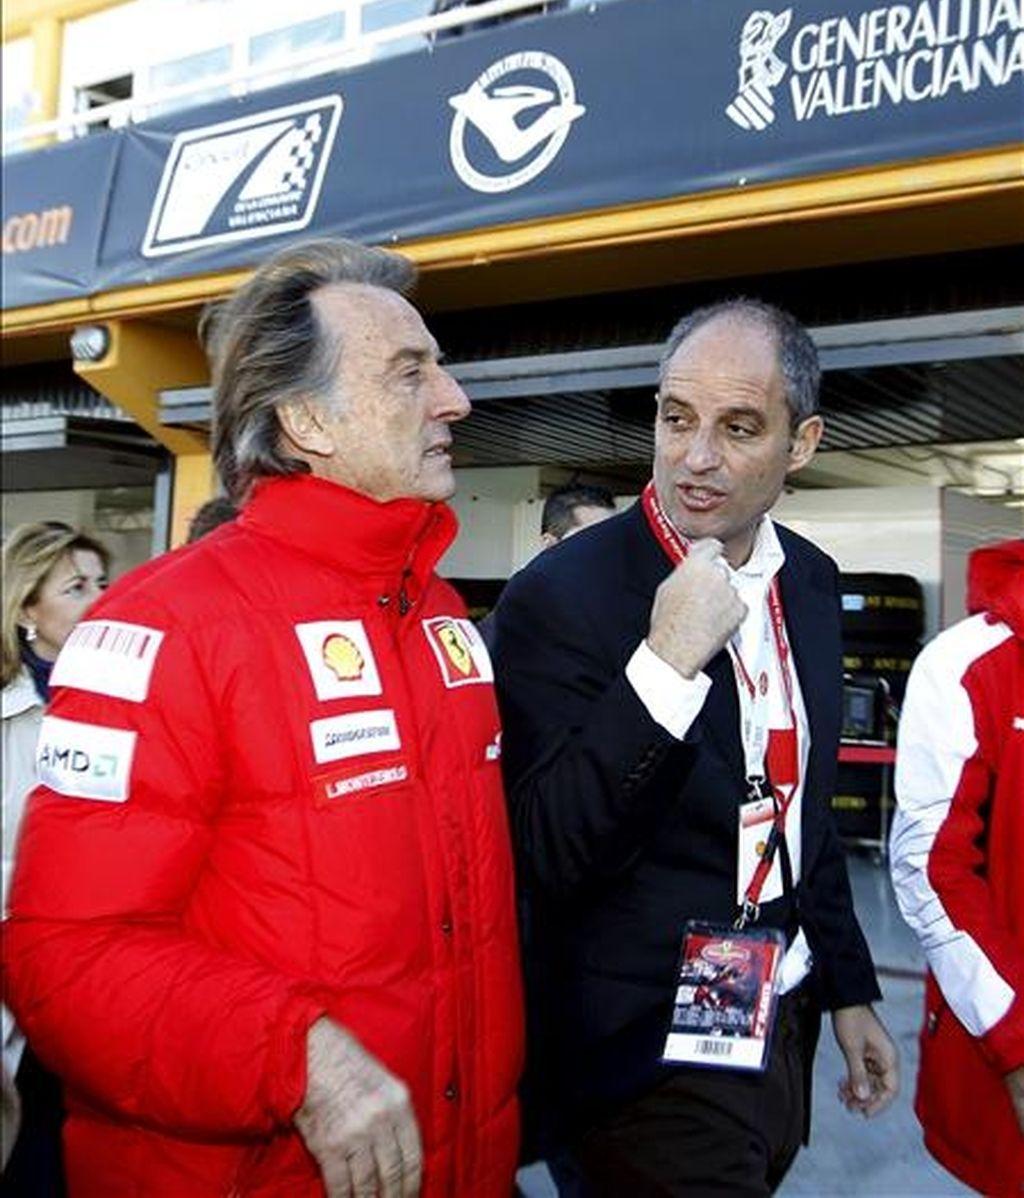 El presidente de la escudería Ferrari, Luca Cordero de Montezemolo (i) y el presidente de la Generalitat, Francisco Camps (d), pasean por boxes durante la exhibición que la escudería italiana ha realizado en el circuito valenciano de Cheste tras las Finales Mundiales 2010. EFE